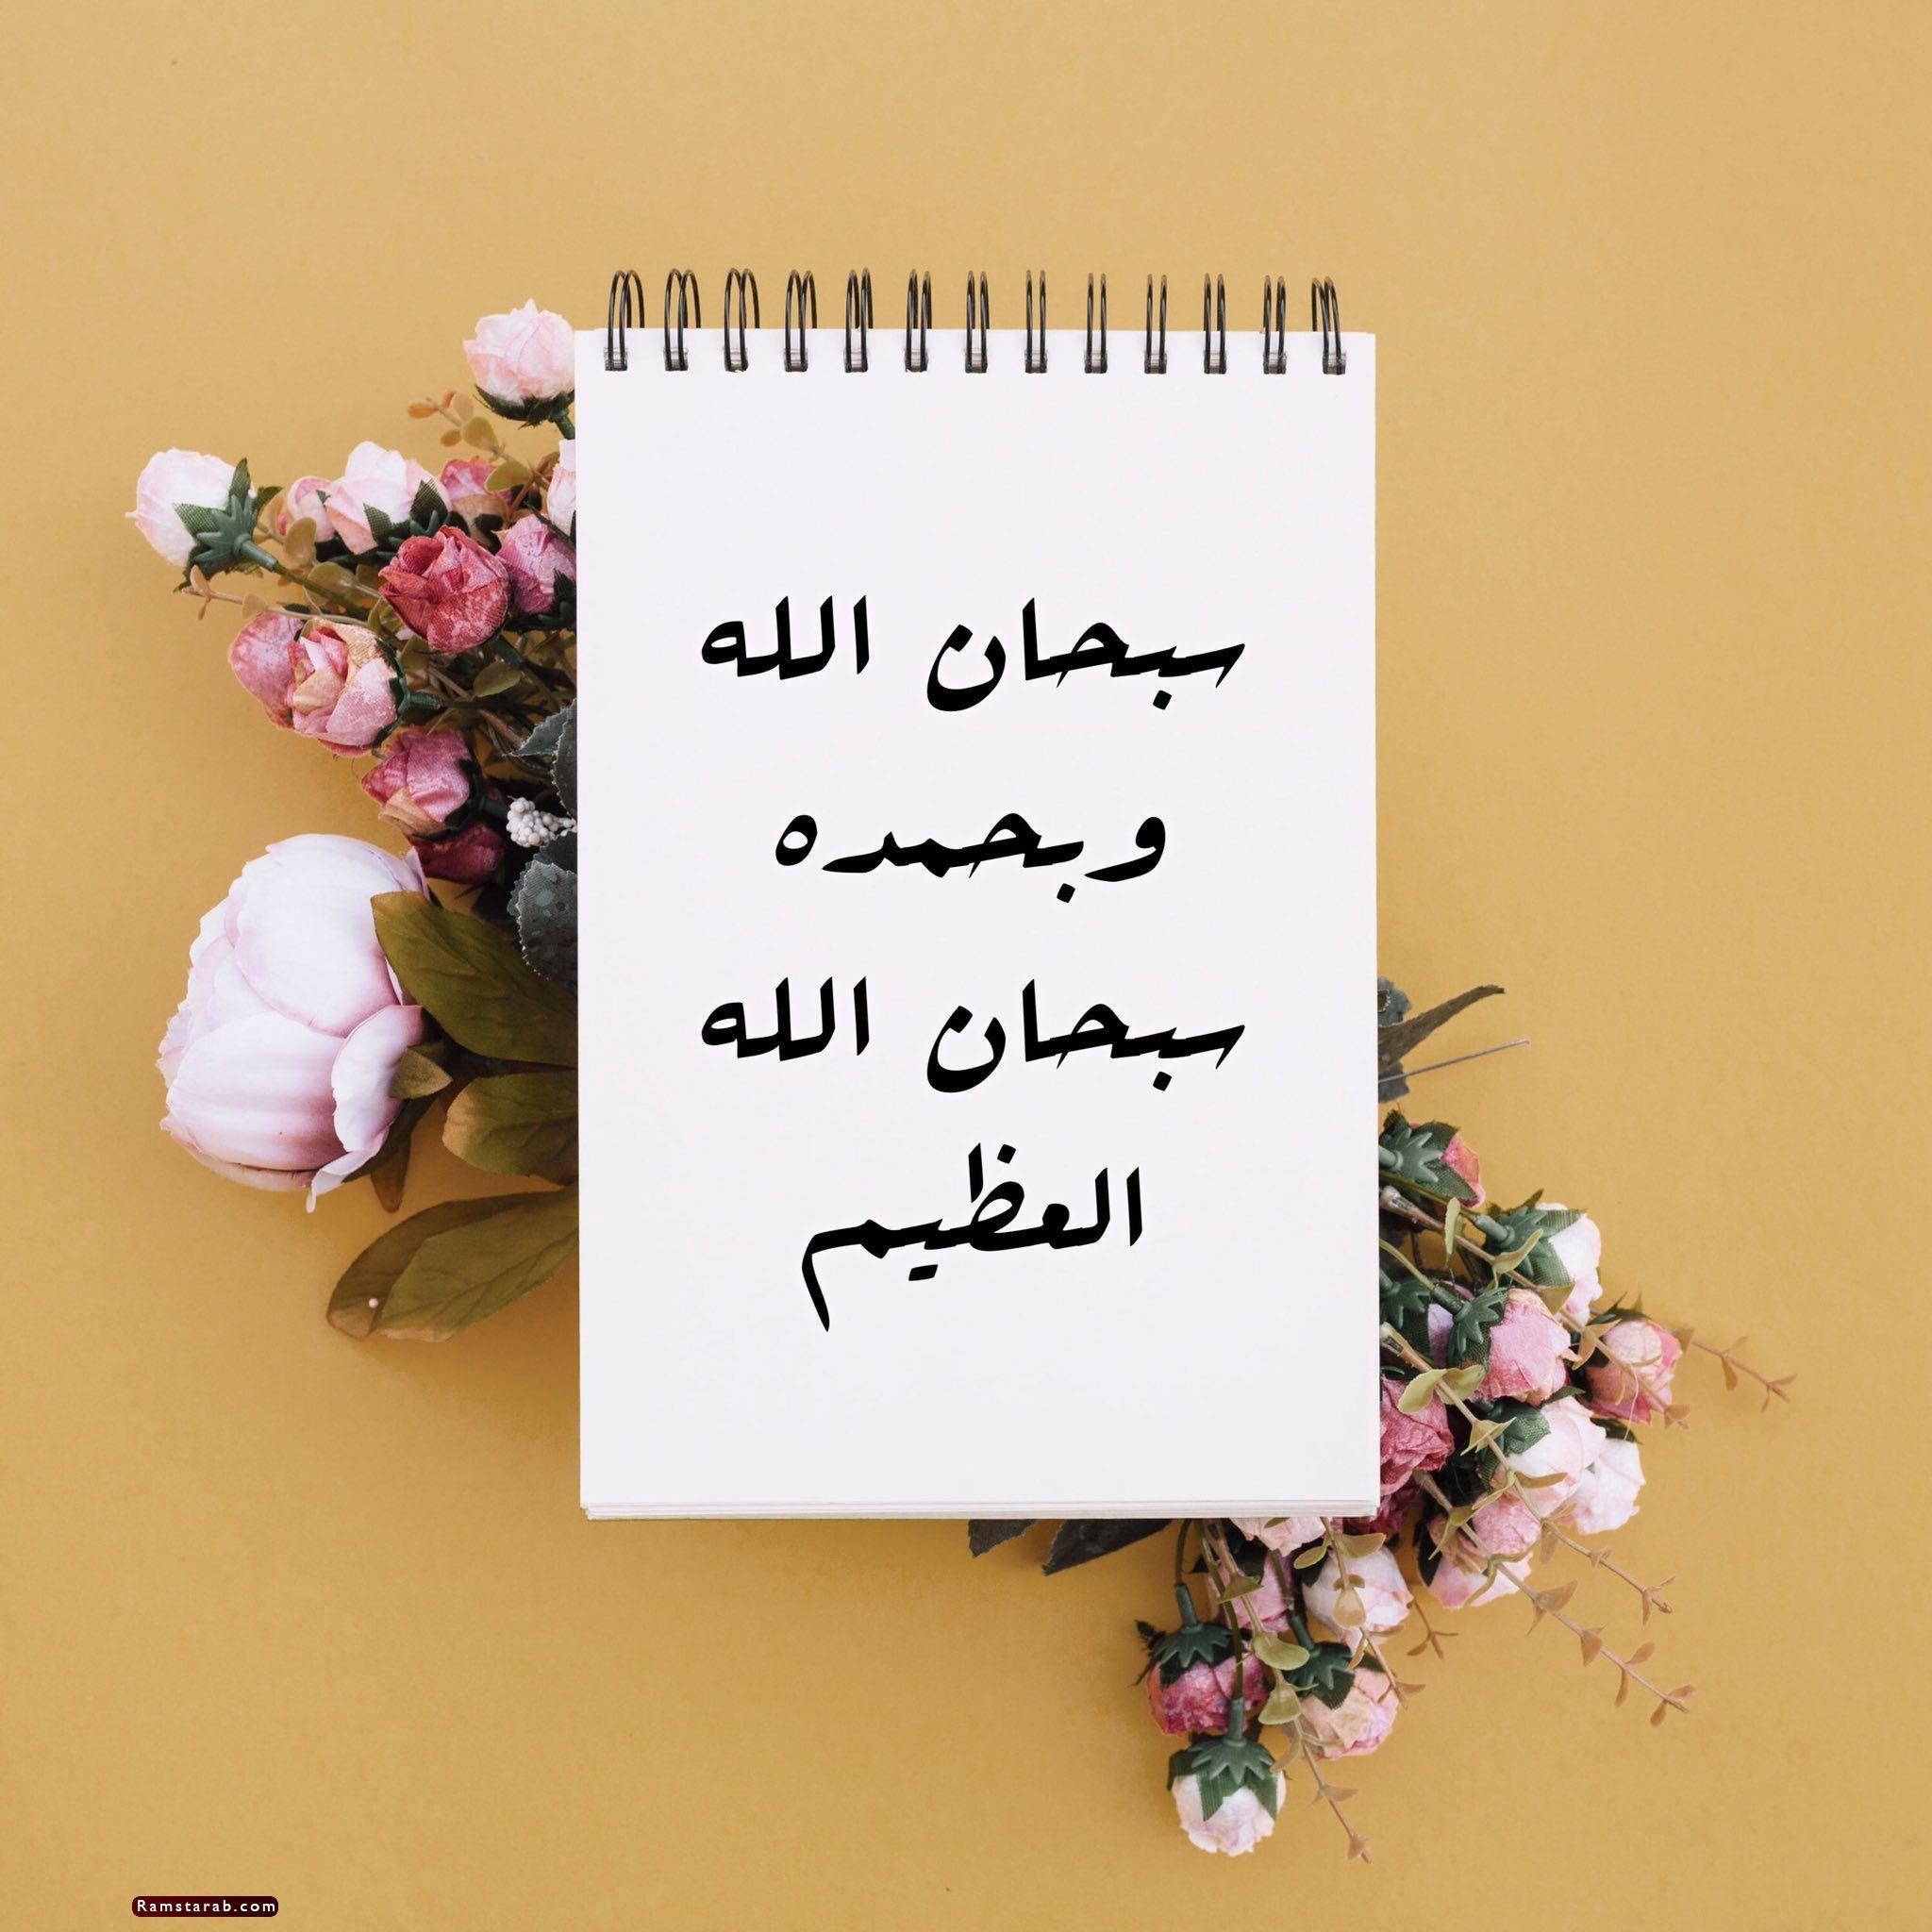 صور سبحان الله العظيم12